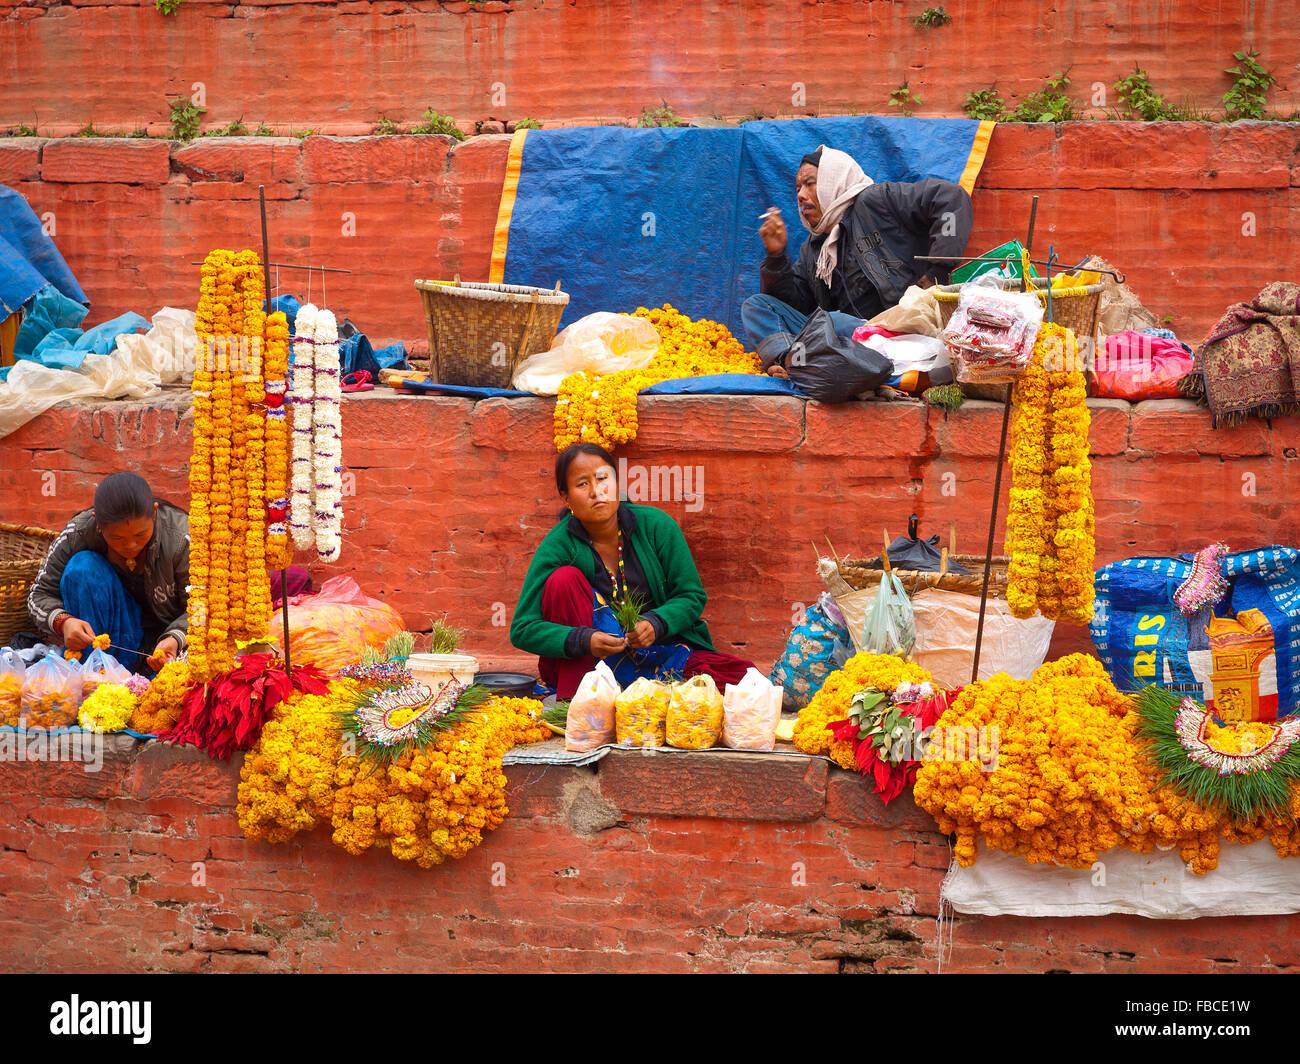 Flower seller, Kathmandu Nepal - Stock Image